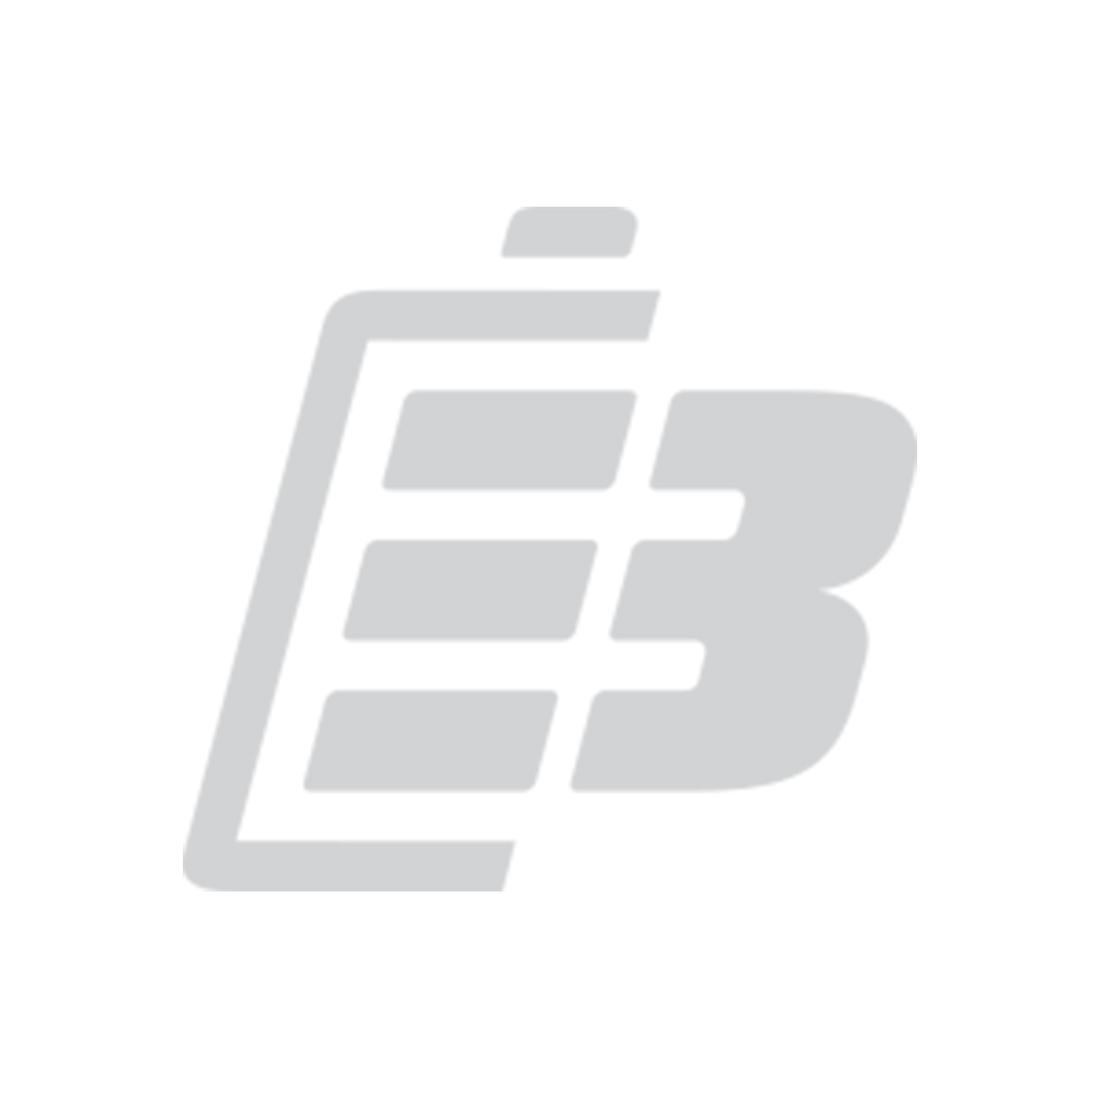 Φορτιστής μπαταρίας βιντεοκάμερας Sanyo DB-L20_1